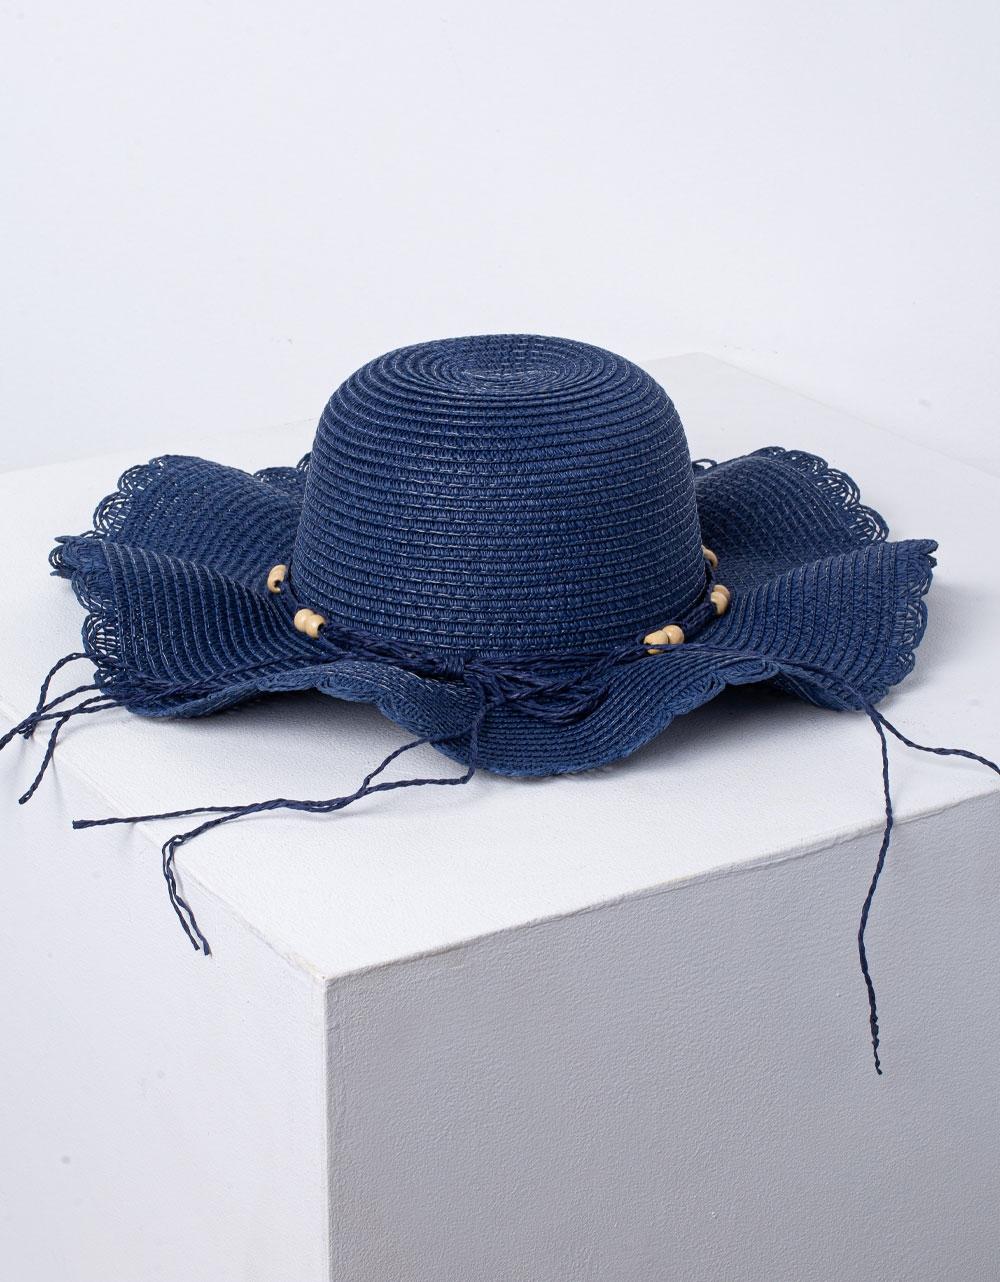 Εικόνα από Γυναικεία καπέλα με διακοσμητικά Μπλε